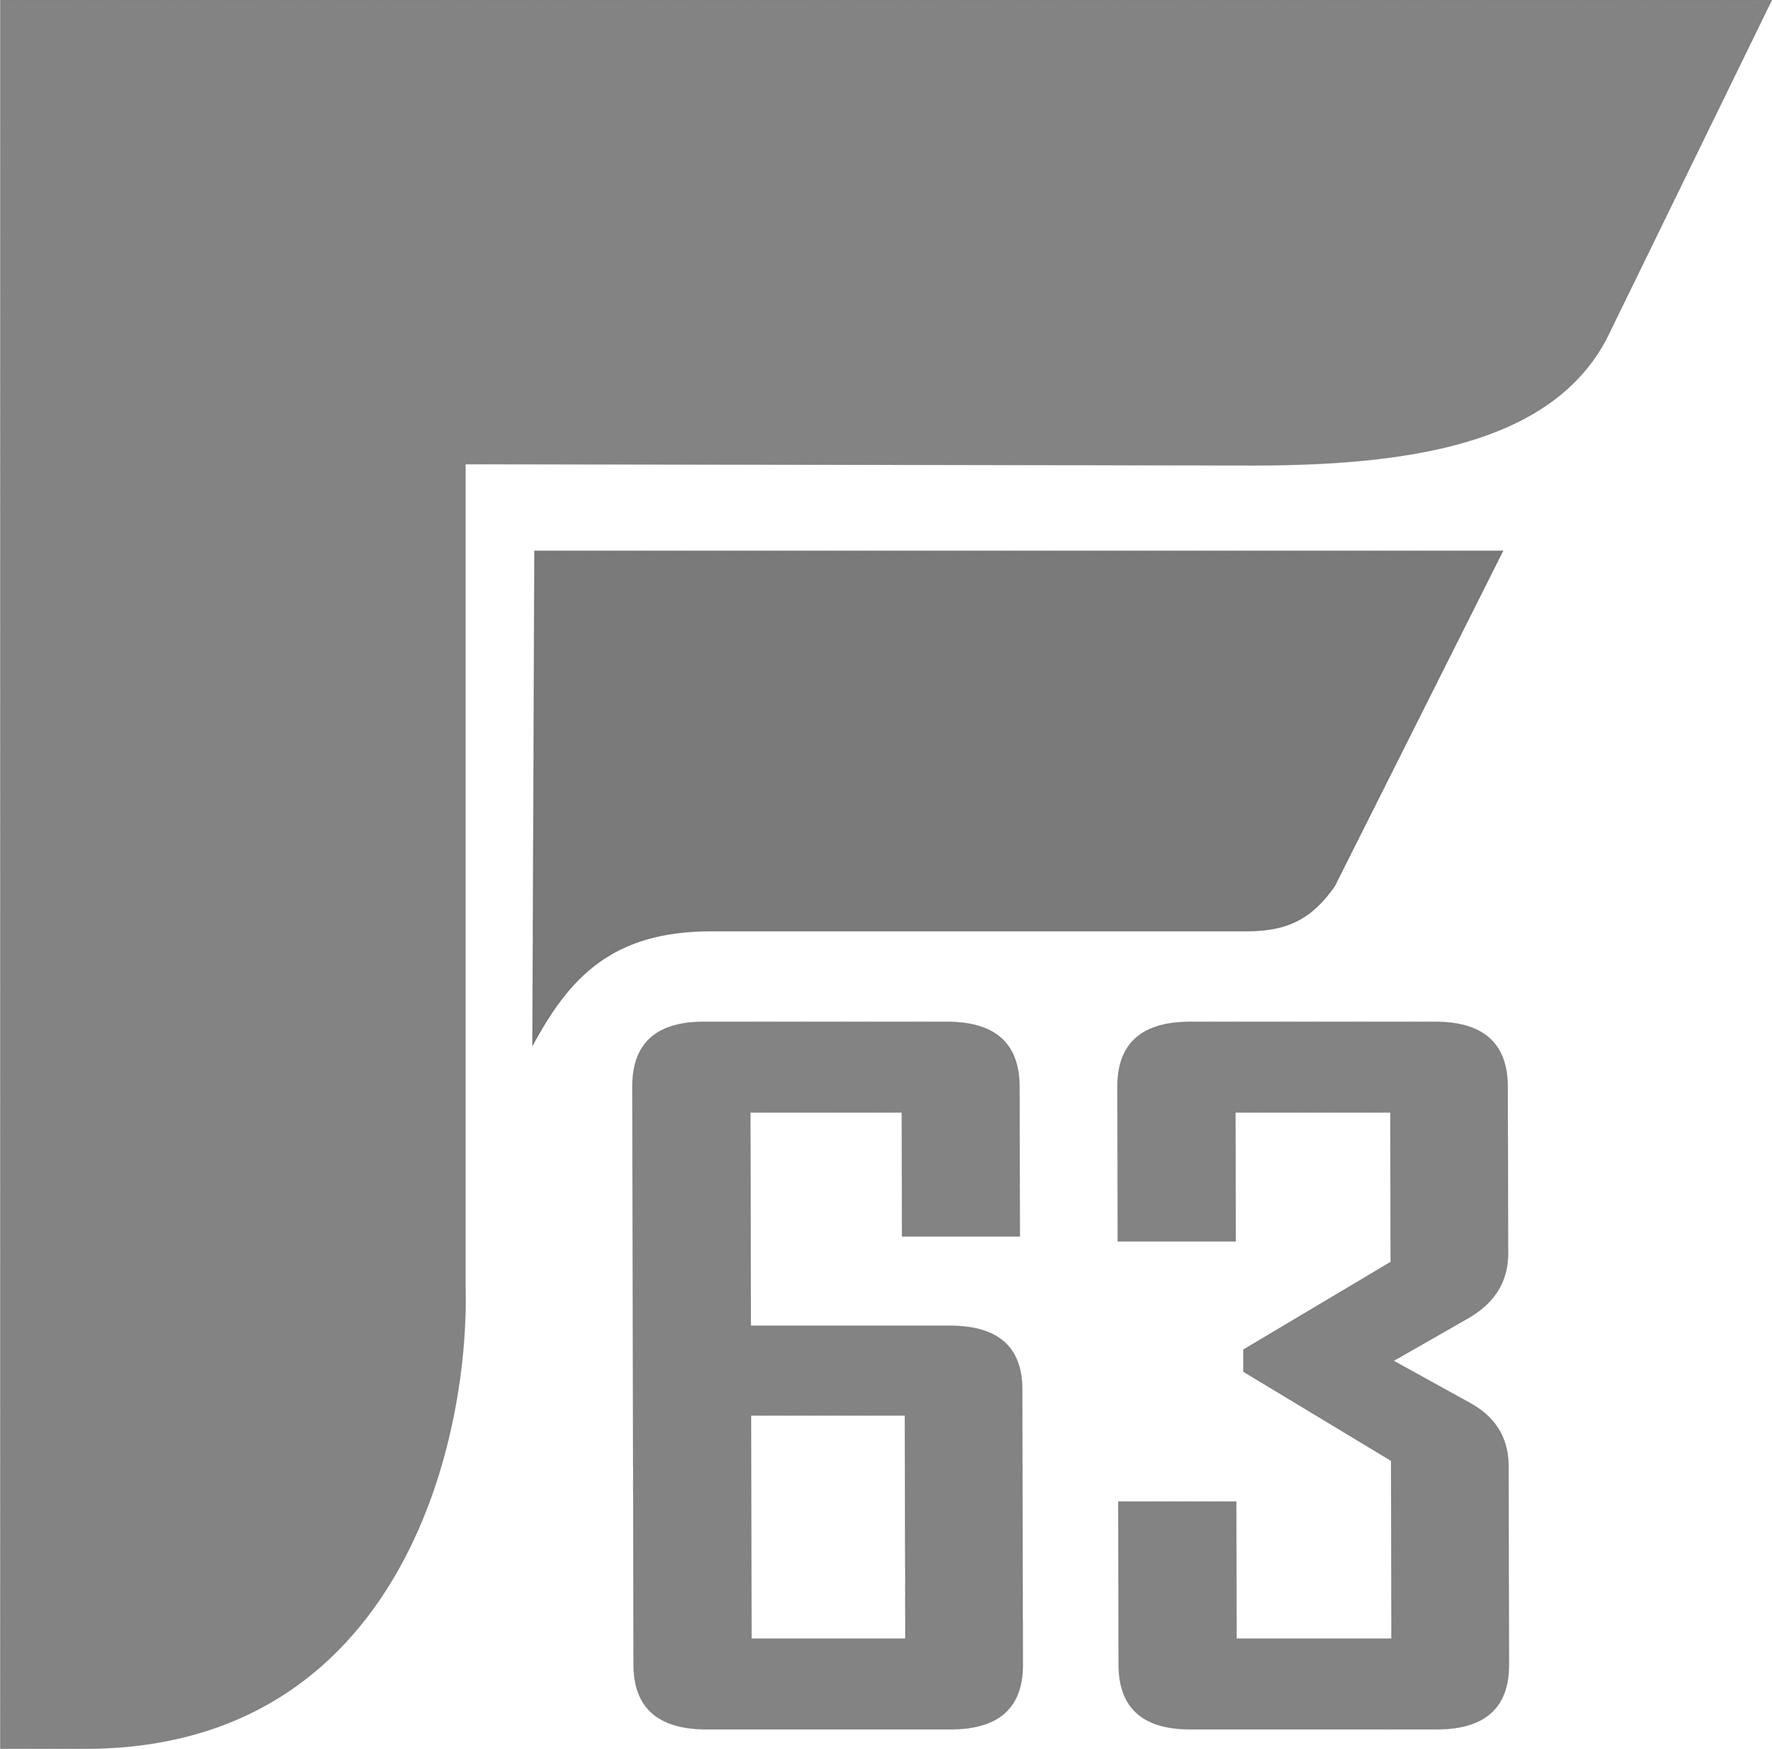 Логотип_18.07 копия